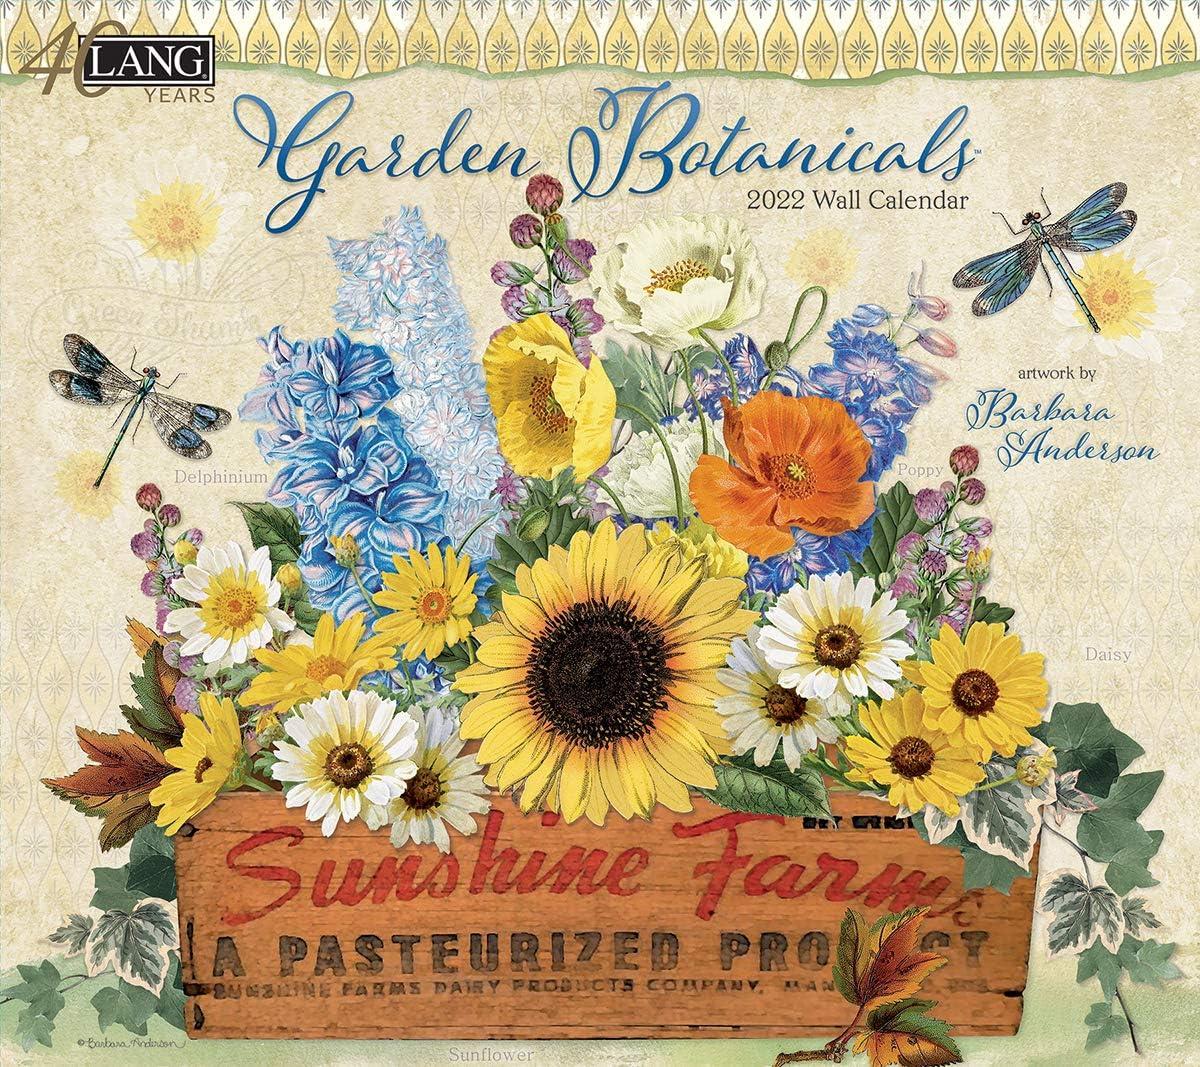 Lang Garden BOTANICALS 2022 Wall Calendar (22991002014)